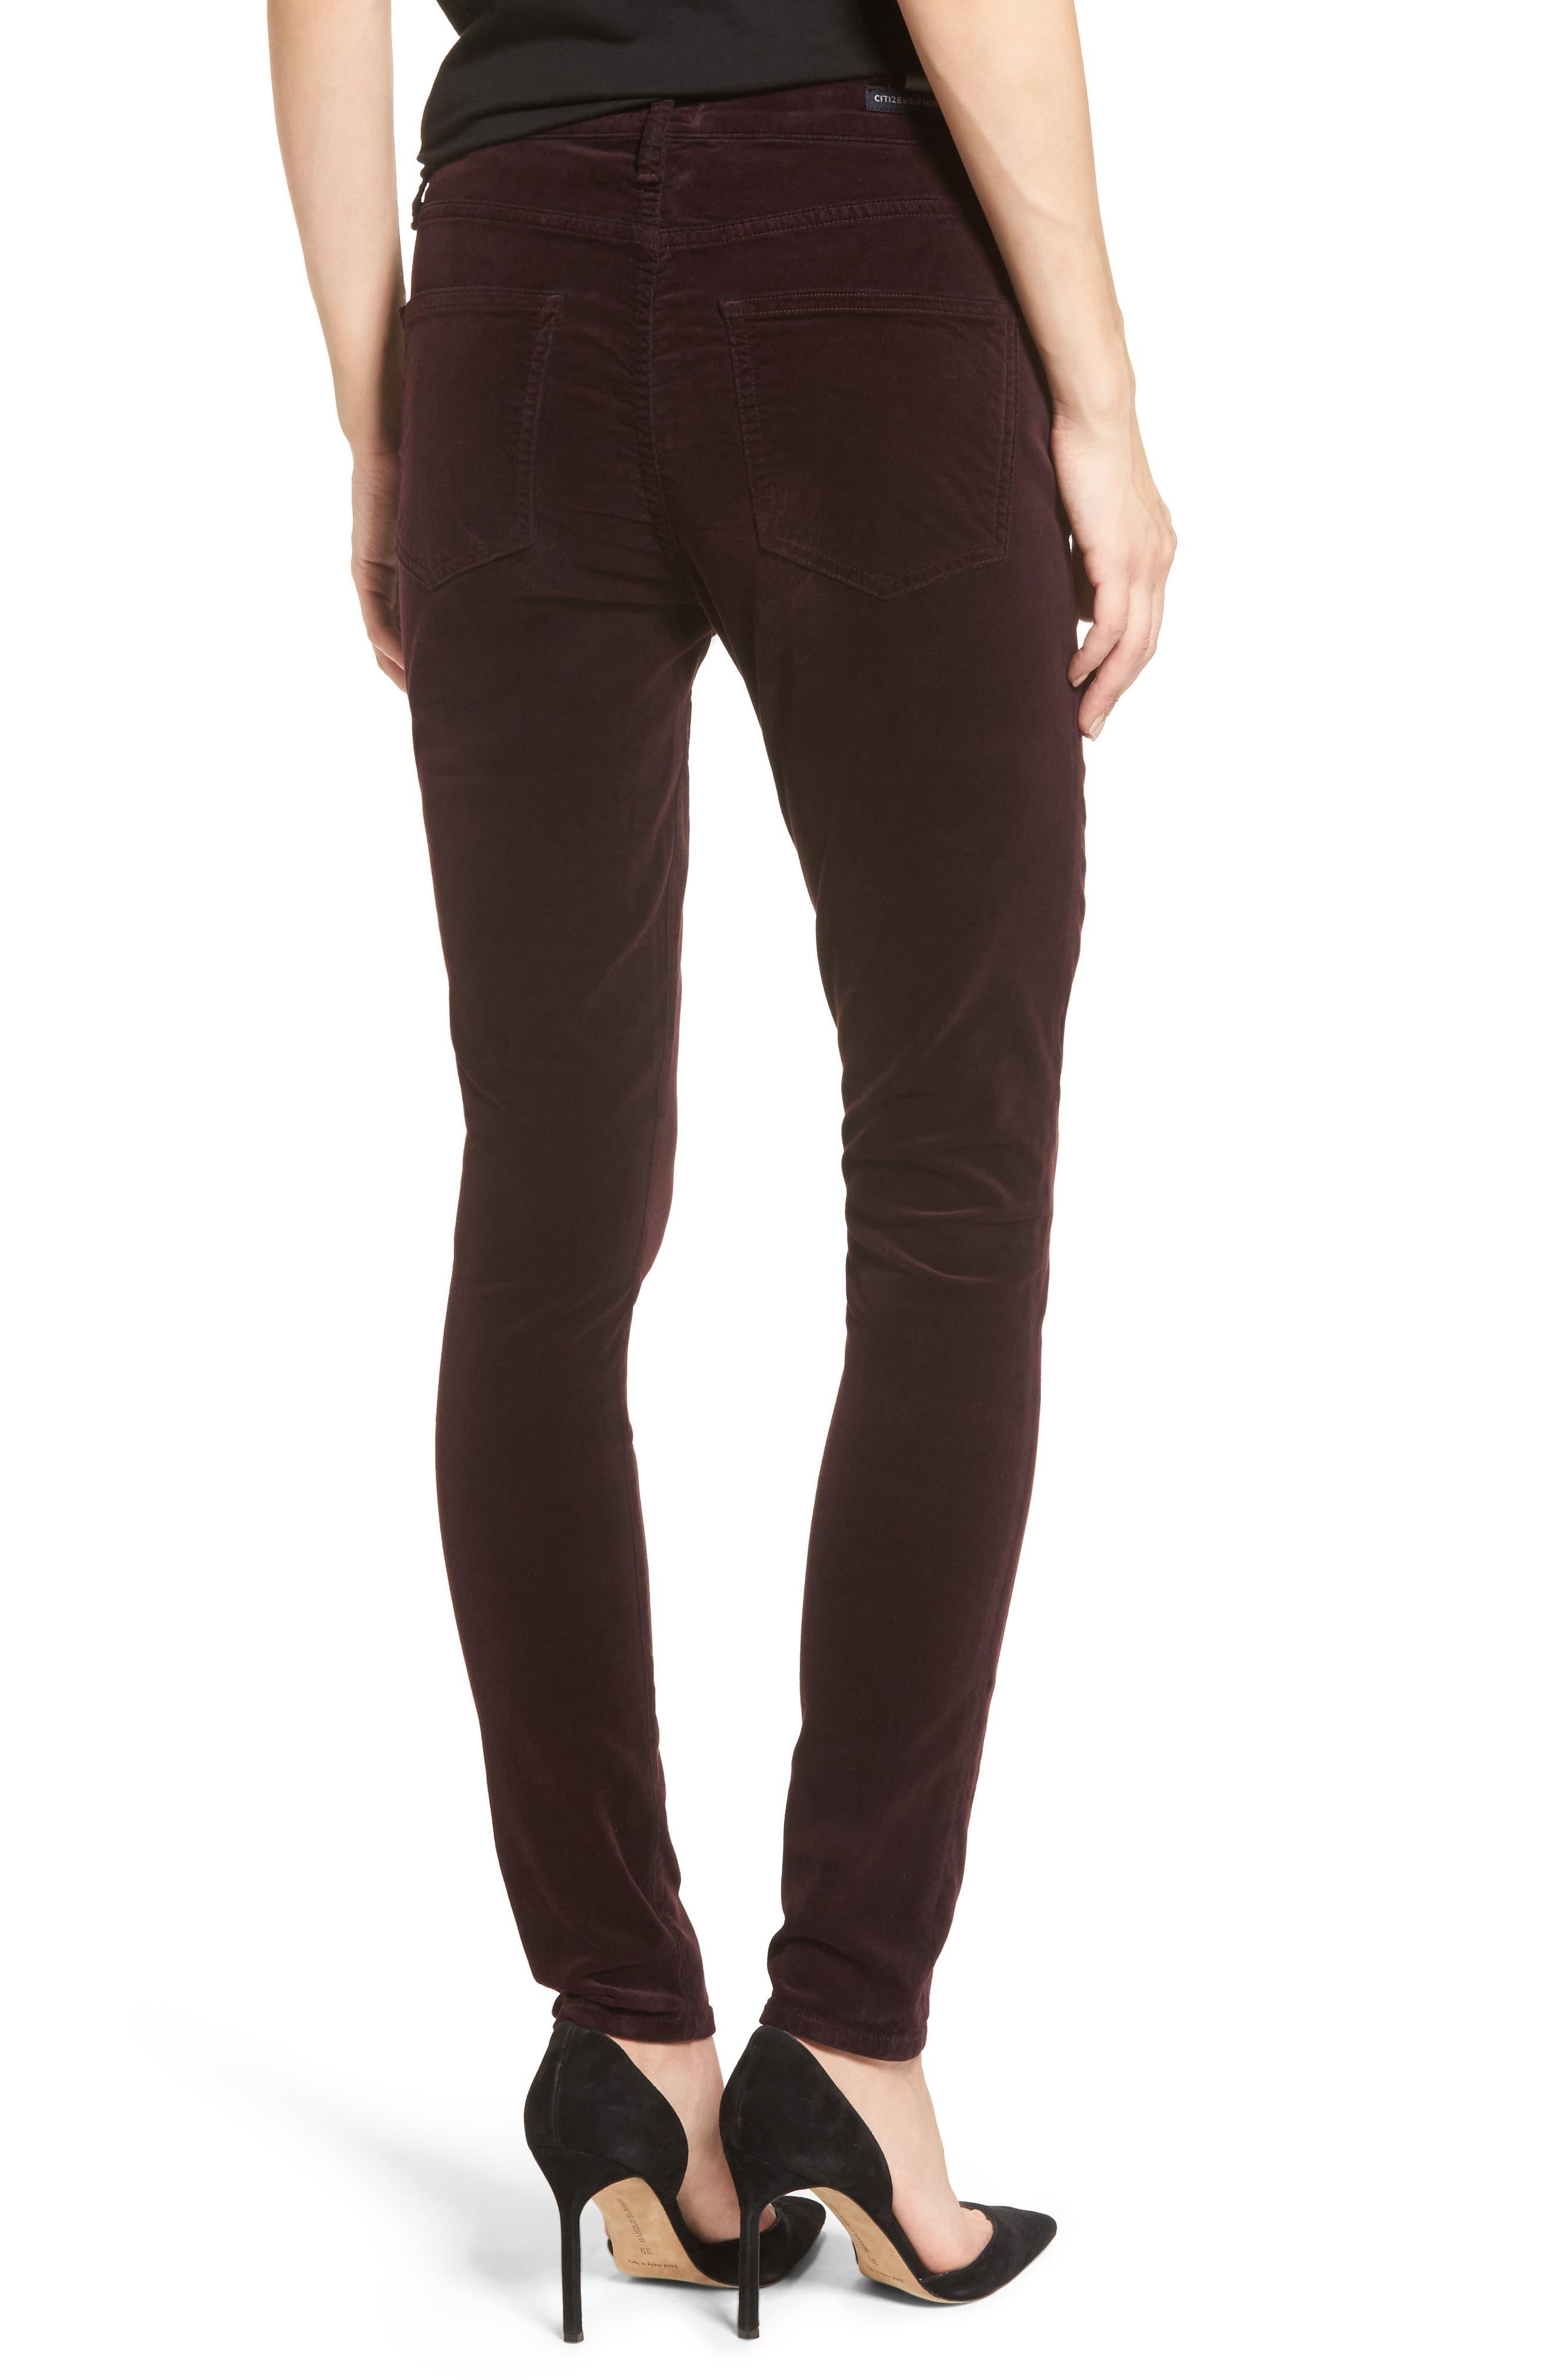 Rocket High Waist Velveteen Skinny Pants,                             Alternate thumbnail 2, color,                             Black Currant Velvet